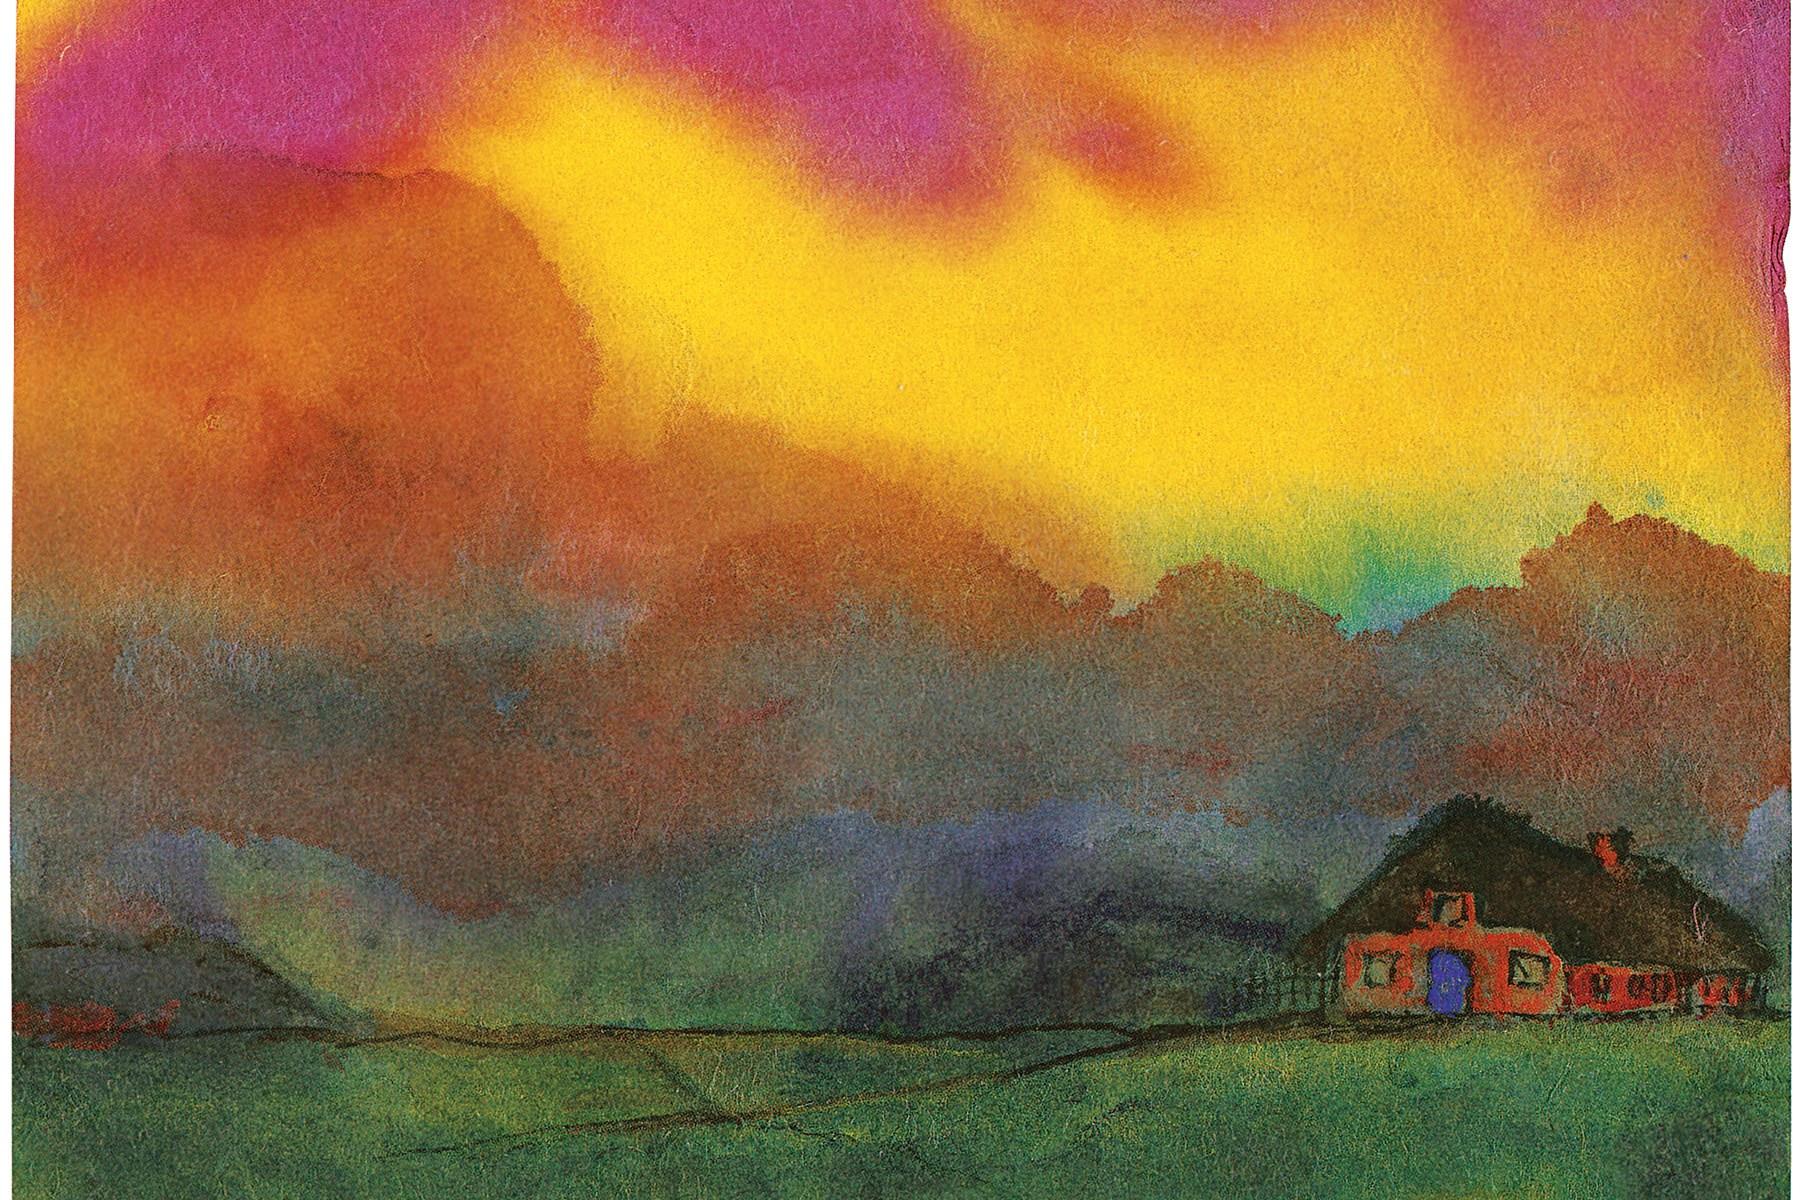 Friesenhäuser unter Abendwolken, 1938-1945. Aquarell, 17,4 x 22,6 cm. Nolde Stiftung Seebüll, Neukirchen.